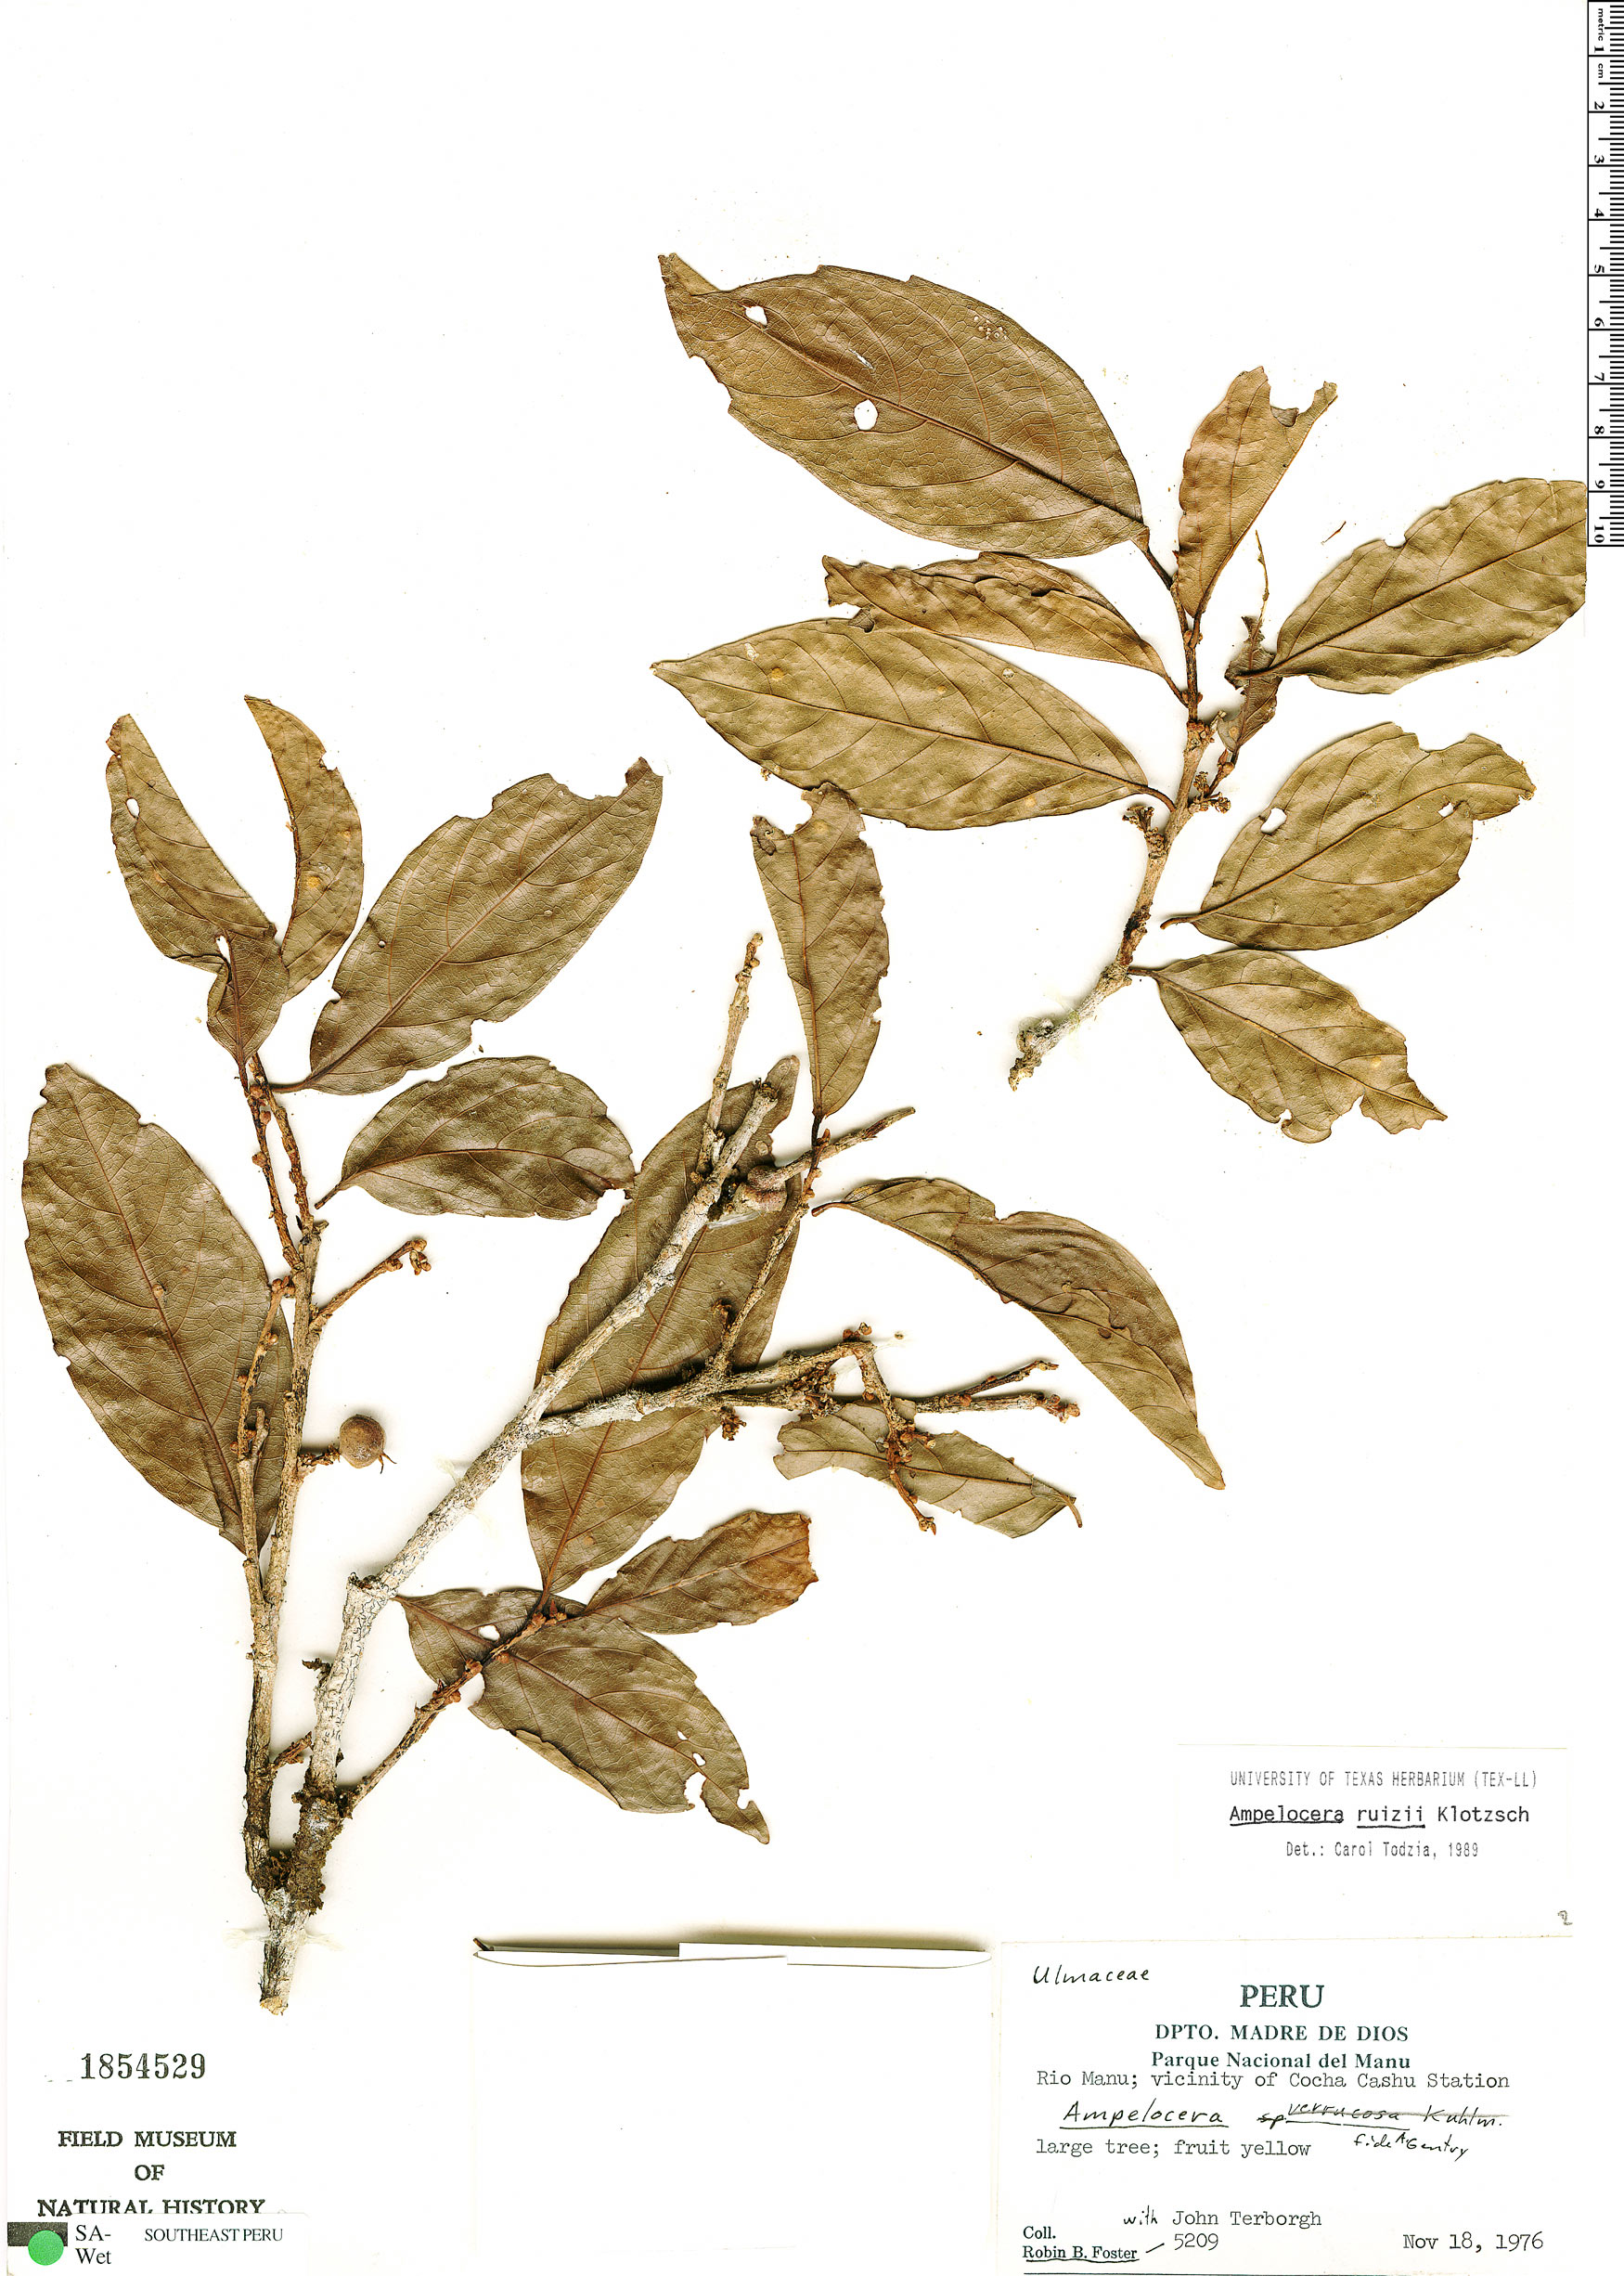 Specimen: Ampelocera ruizii